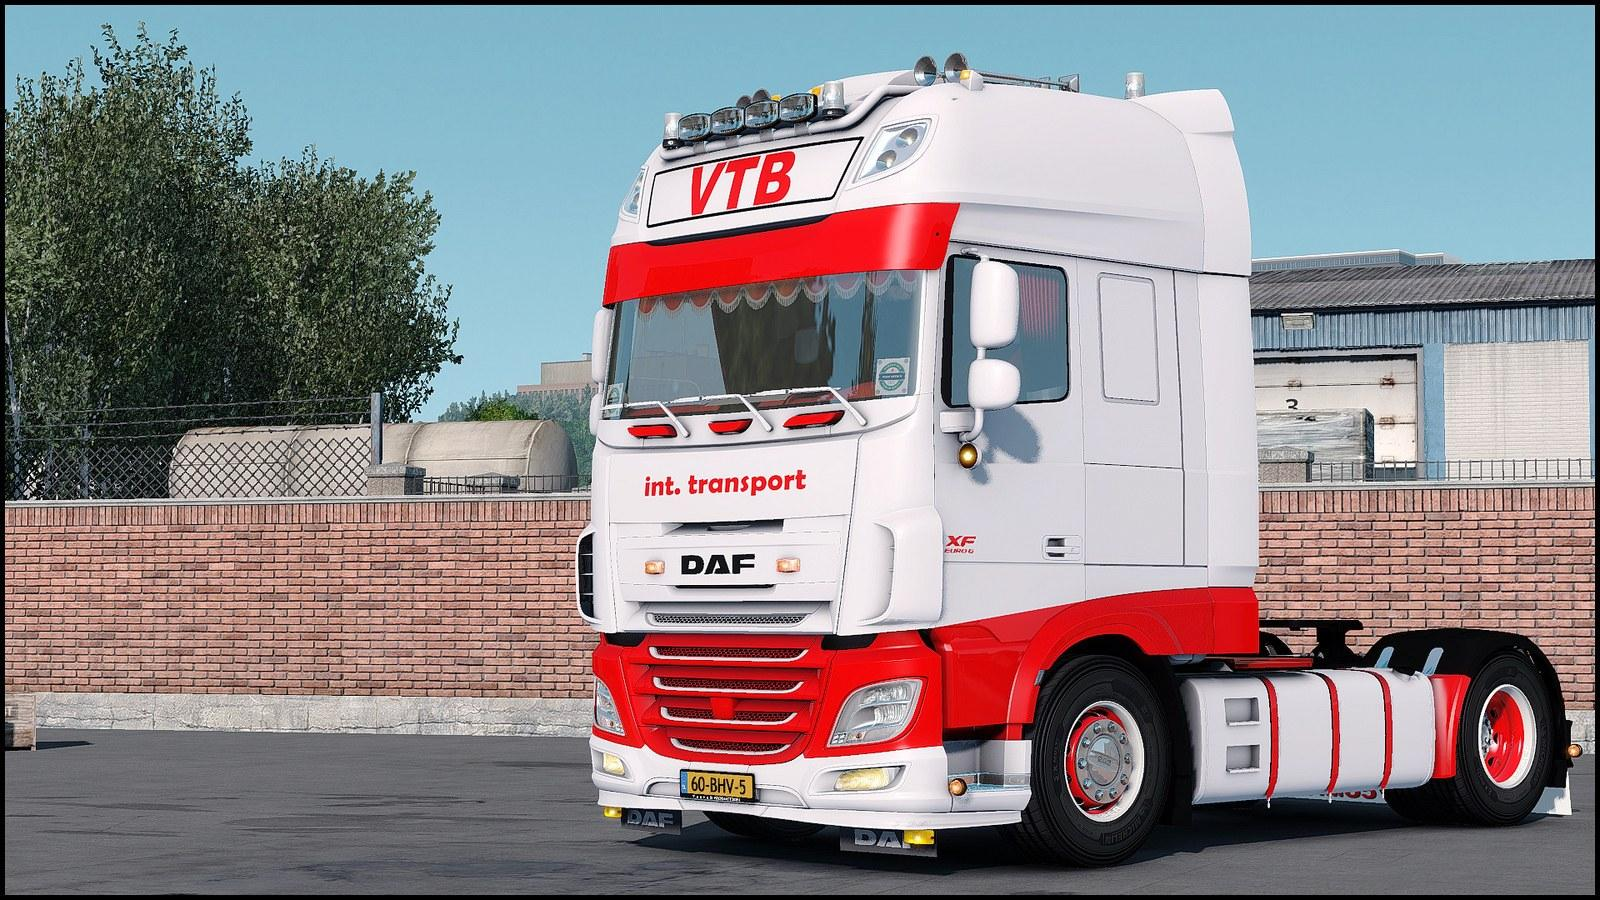 DAF EURO 6 VTB TRANSPORT 1 32&UP TRUCK MOD -Euro Truck